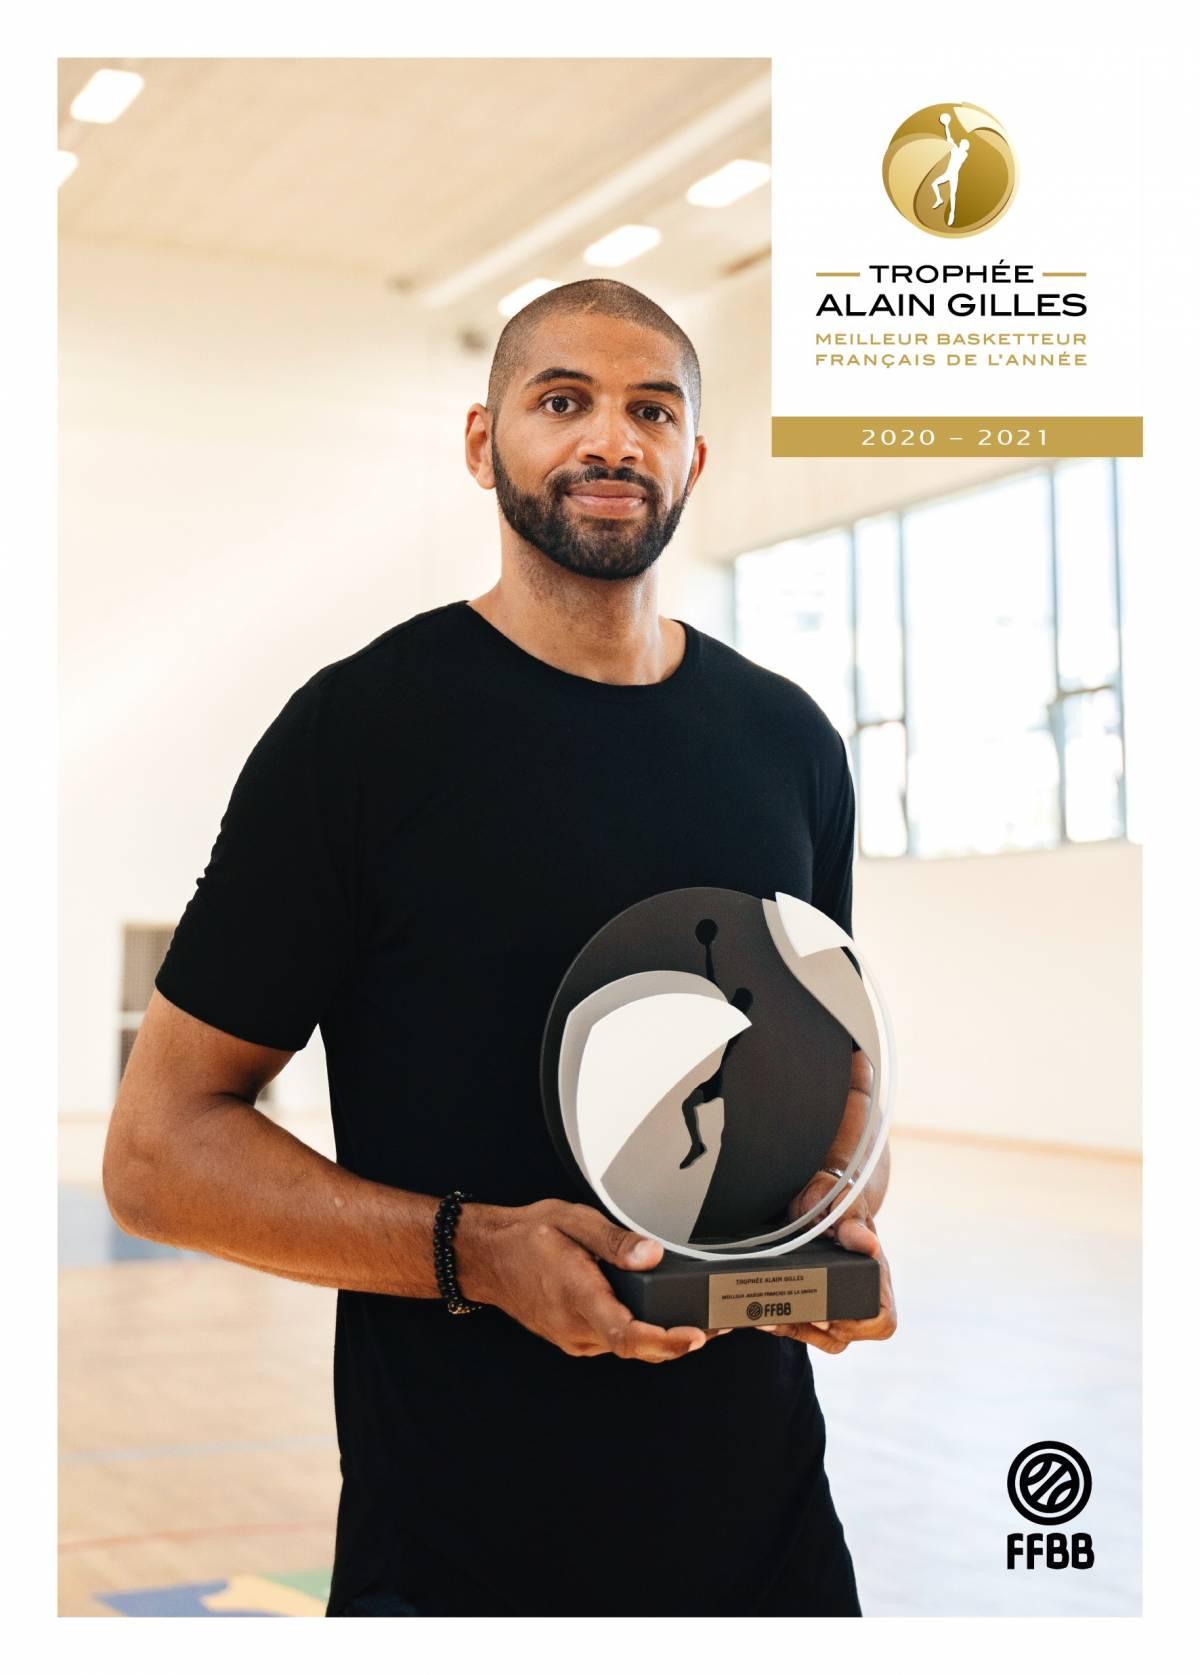 Nicolas Batum remporte le Trophée Alain Gilles 2021